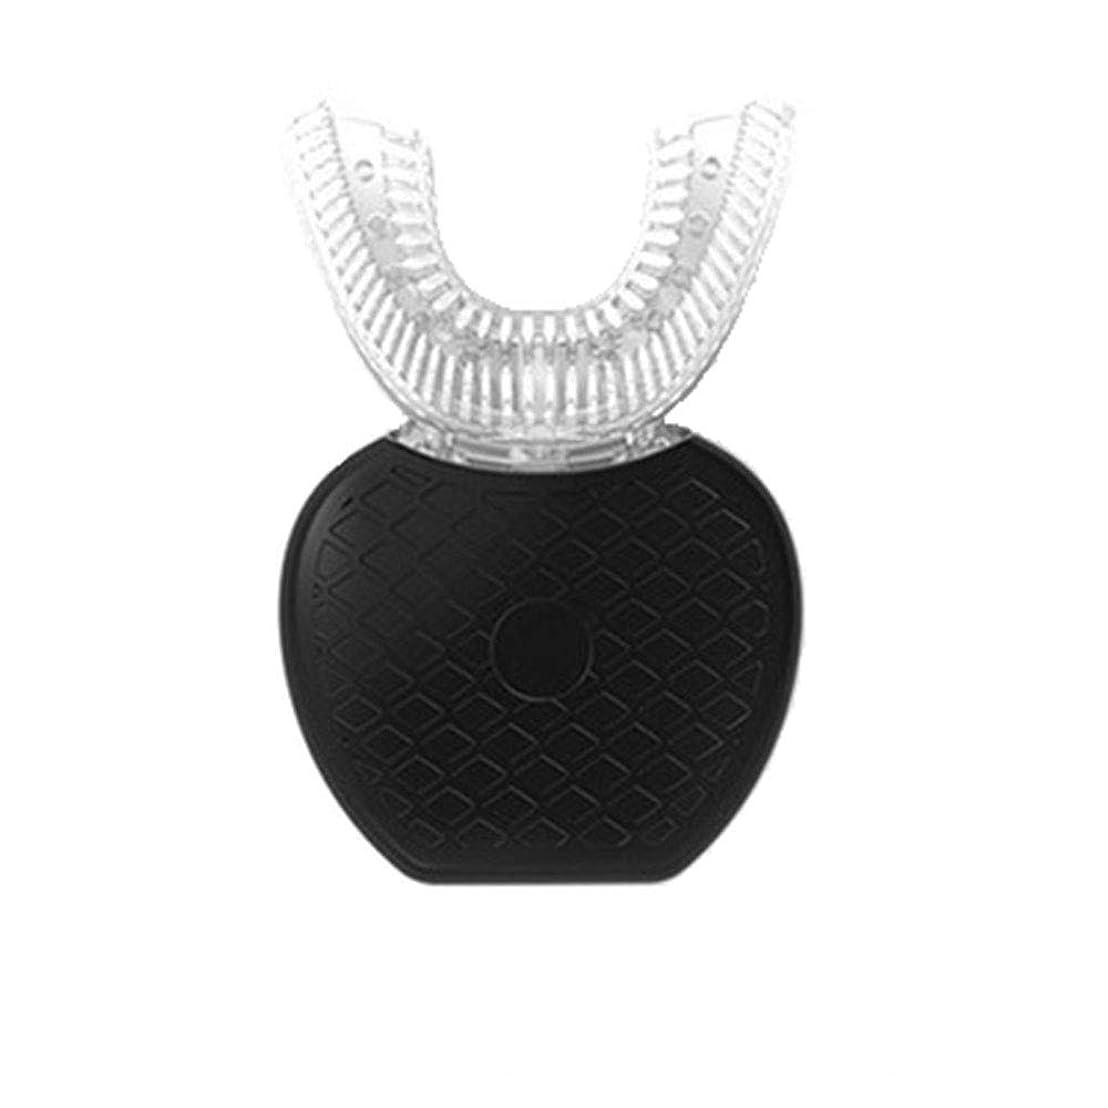 超える凍った始める自動電気歯ブラシシリカゲル超音波歯ブラシ、360°U型大人の特別な冷光,Black